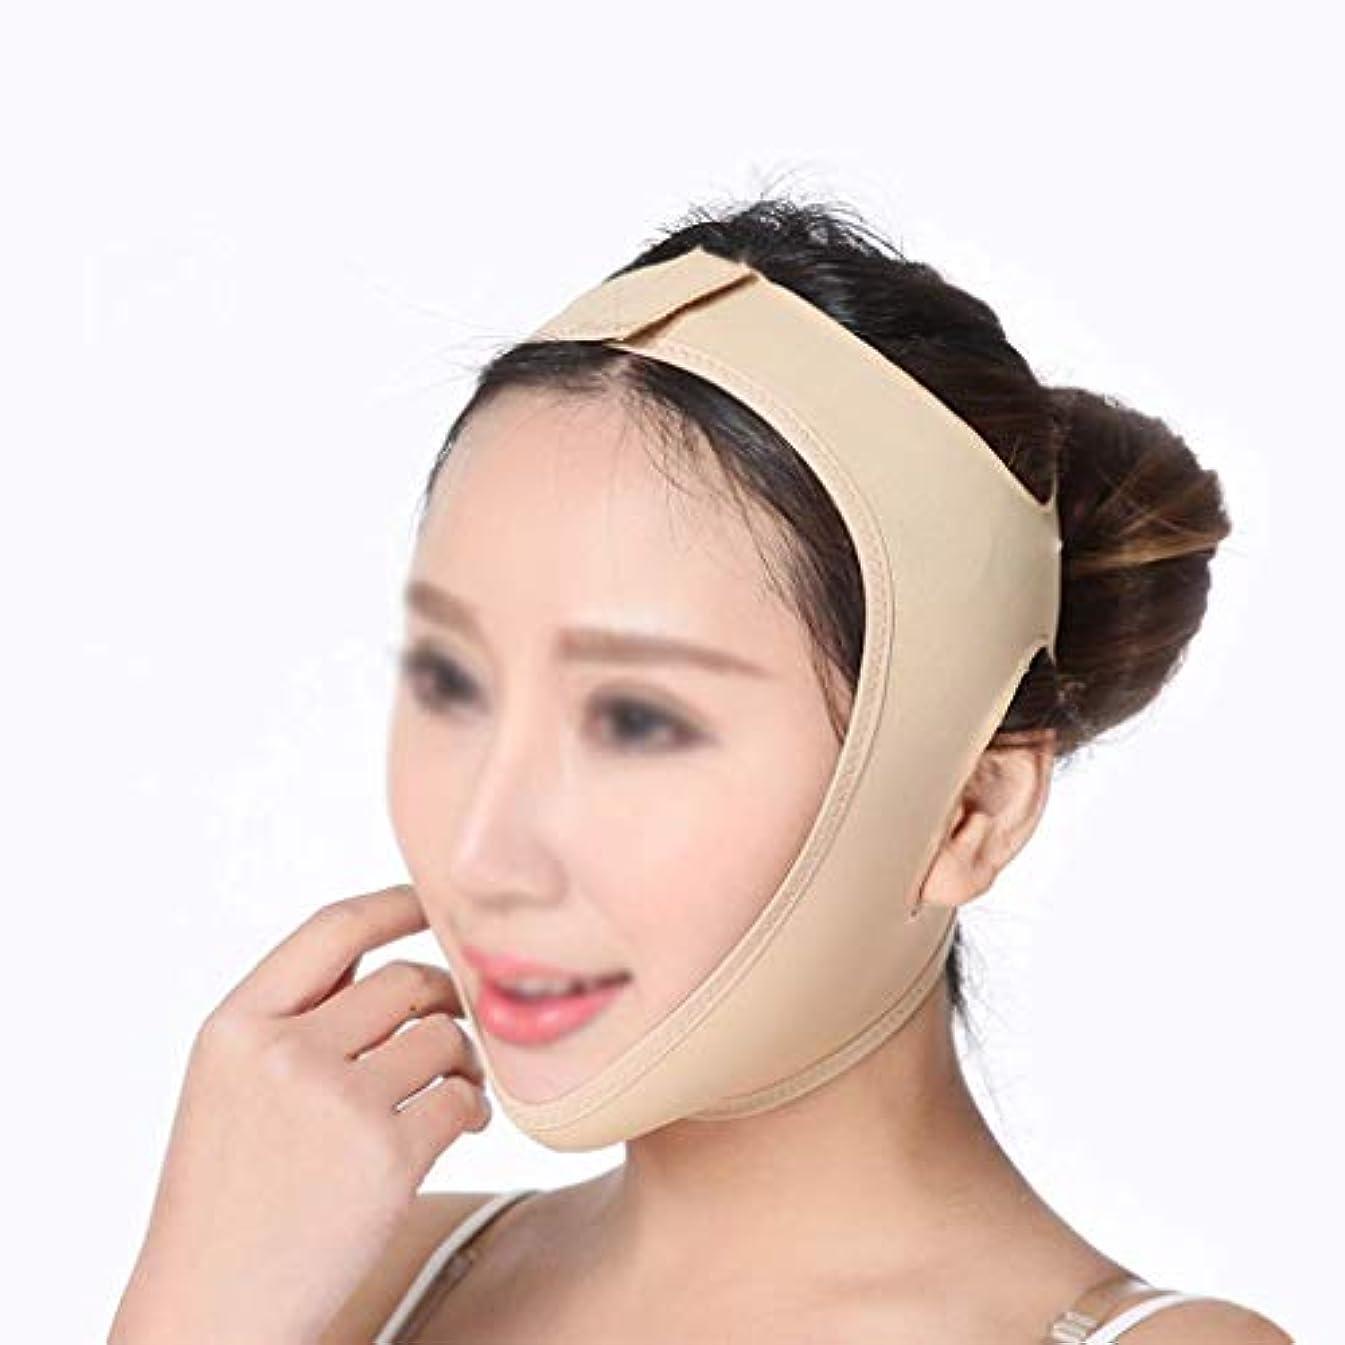 二十名詞フラスコフェイシャルチークリフティングマスク、ダブルチンとフェイスを効果的に改善、フェイスリフト包帯、ダブルチンを減らす(サイズ:L),M